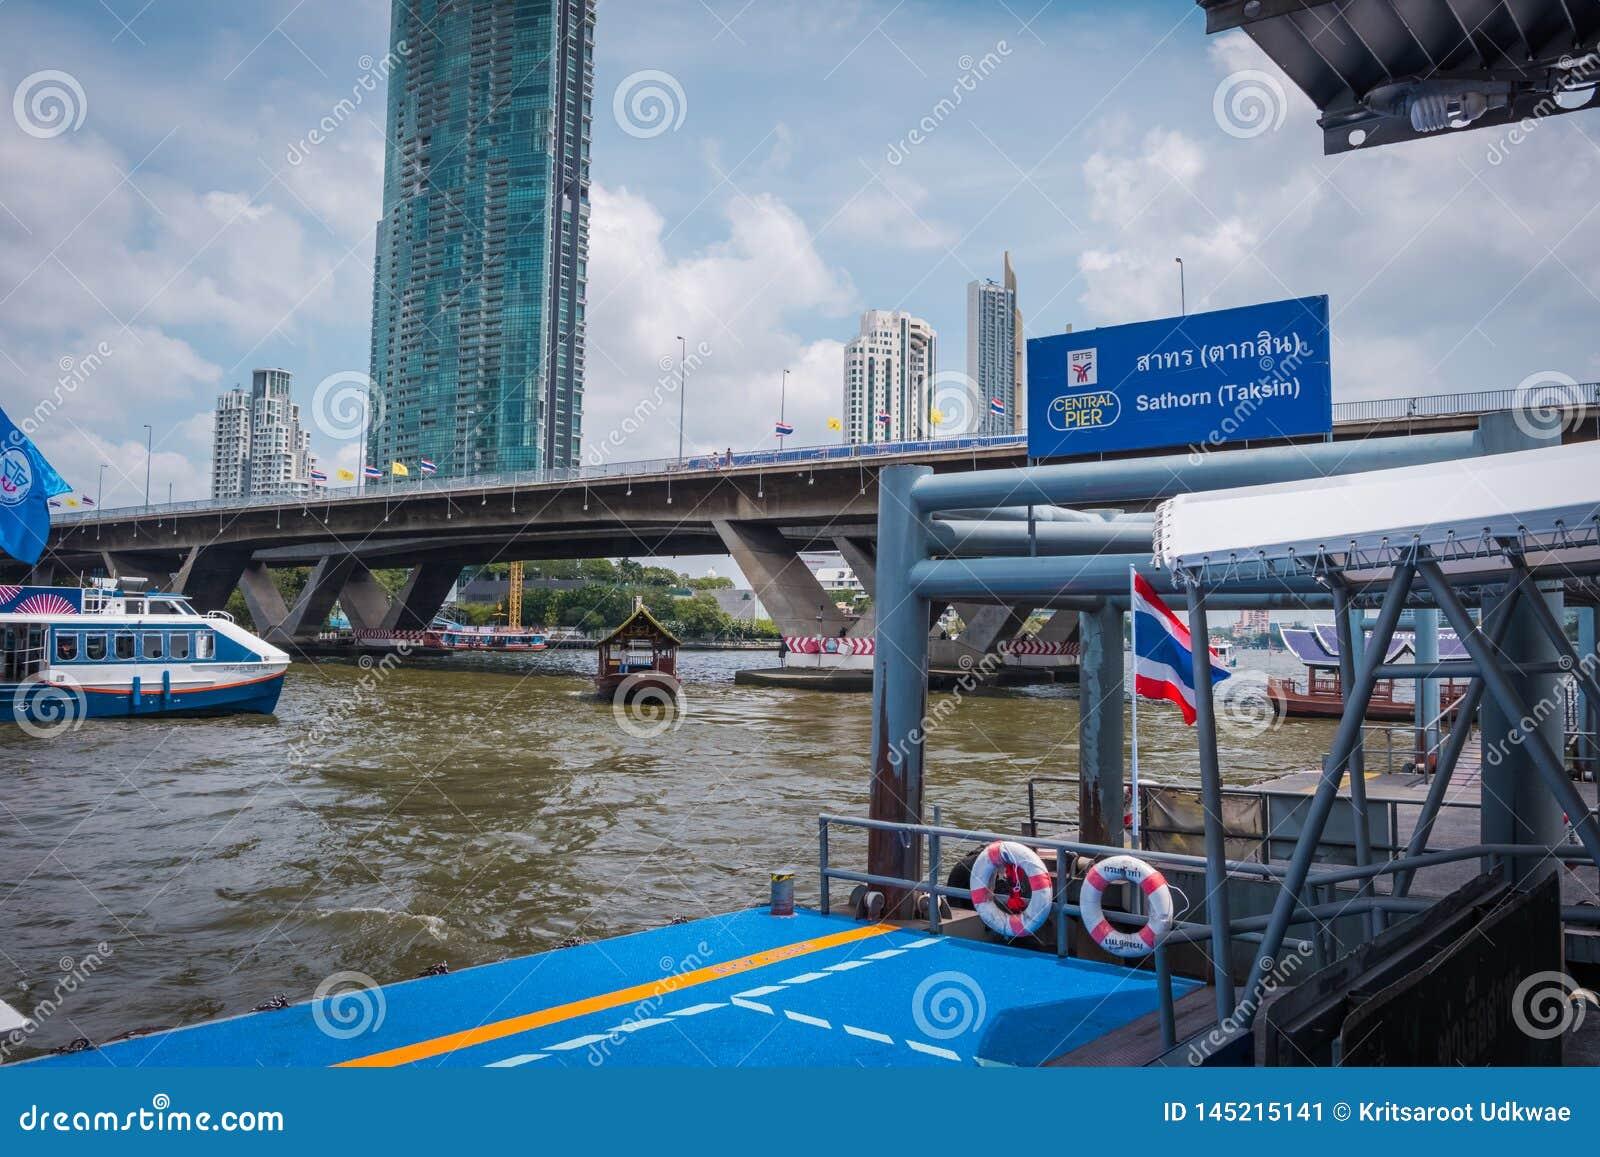 Pilastro di Sathorn al collegamento con BTS Saphan Taksin a Bangkok, Tailandia